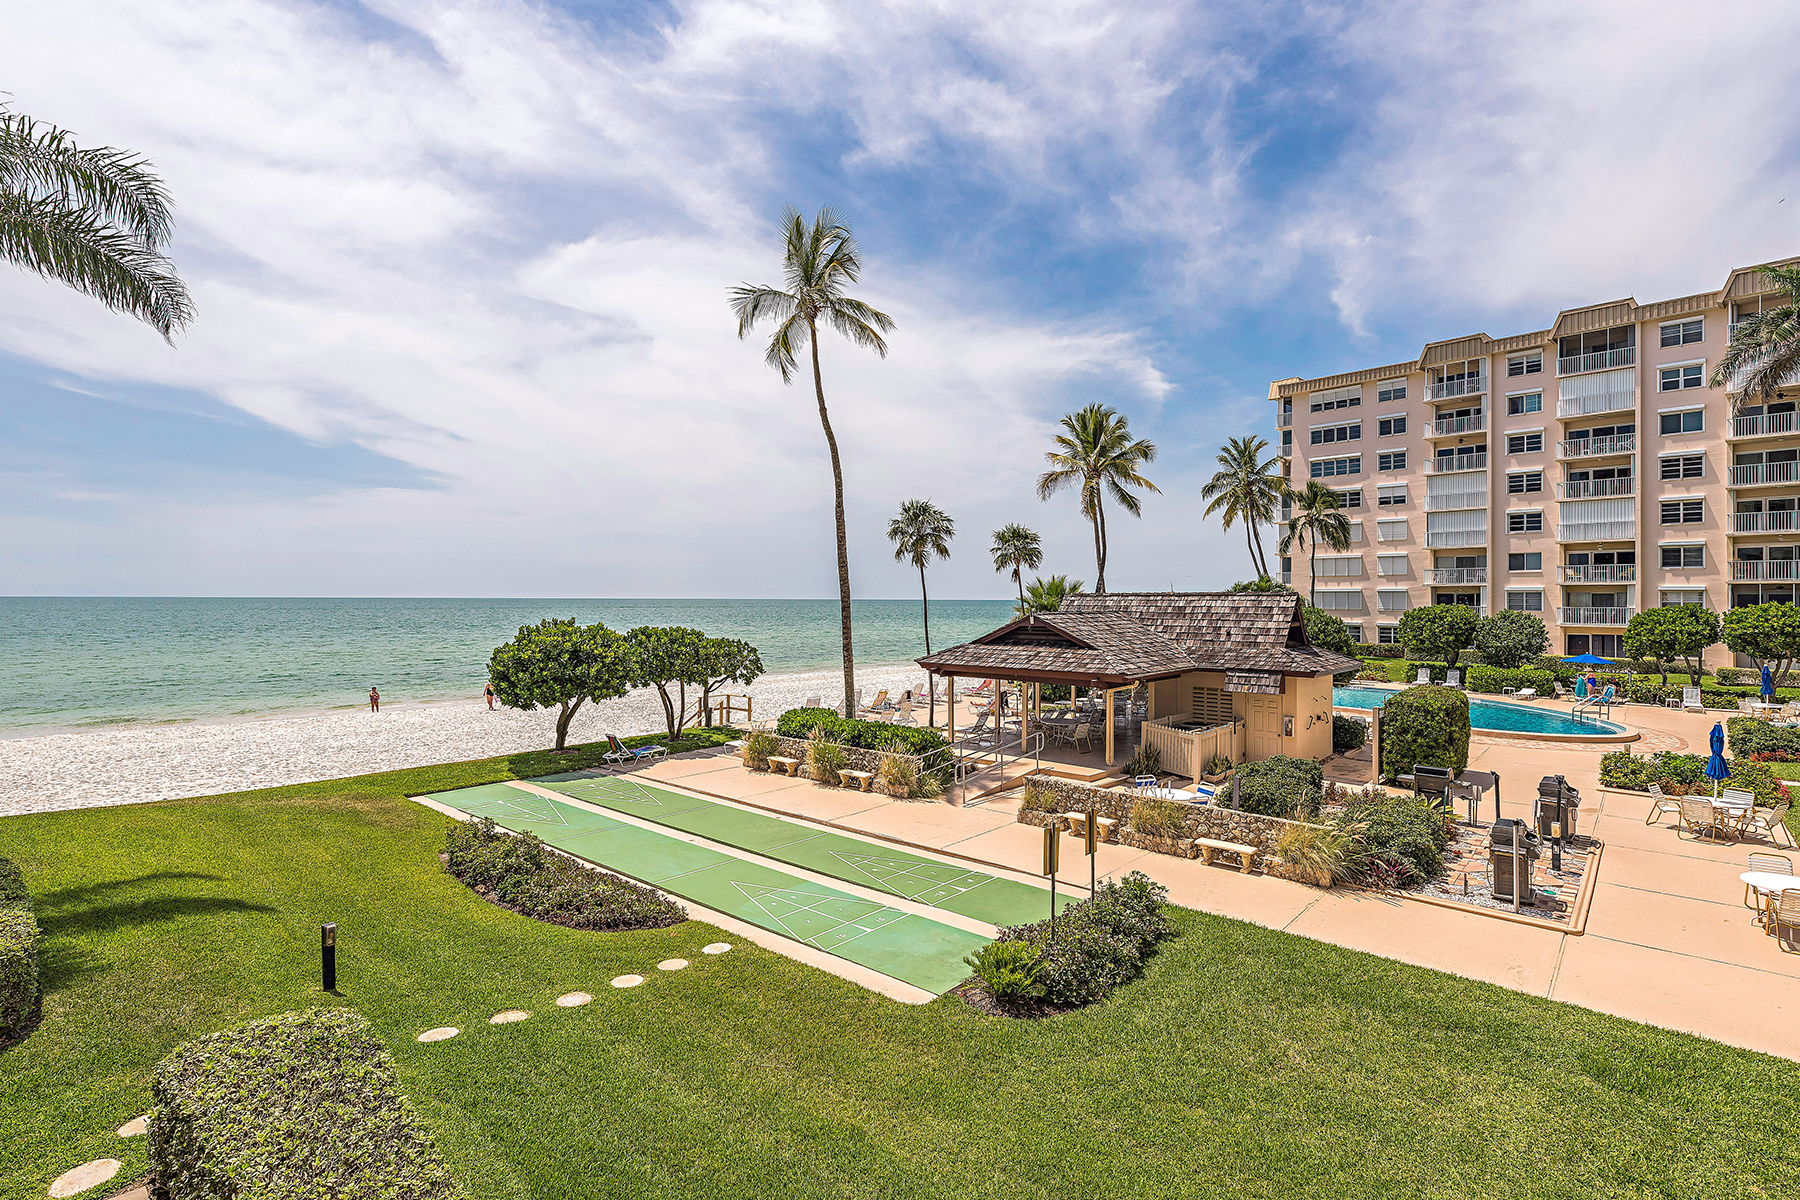 Кооперативная квартира для того Продажа на Naples Continental 3443 Gulf Shore Blvd N 214 Naples, Флорида, 34103 Соединенные Штаты